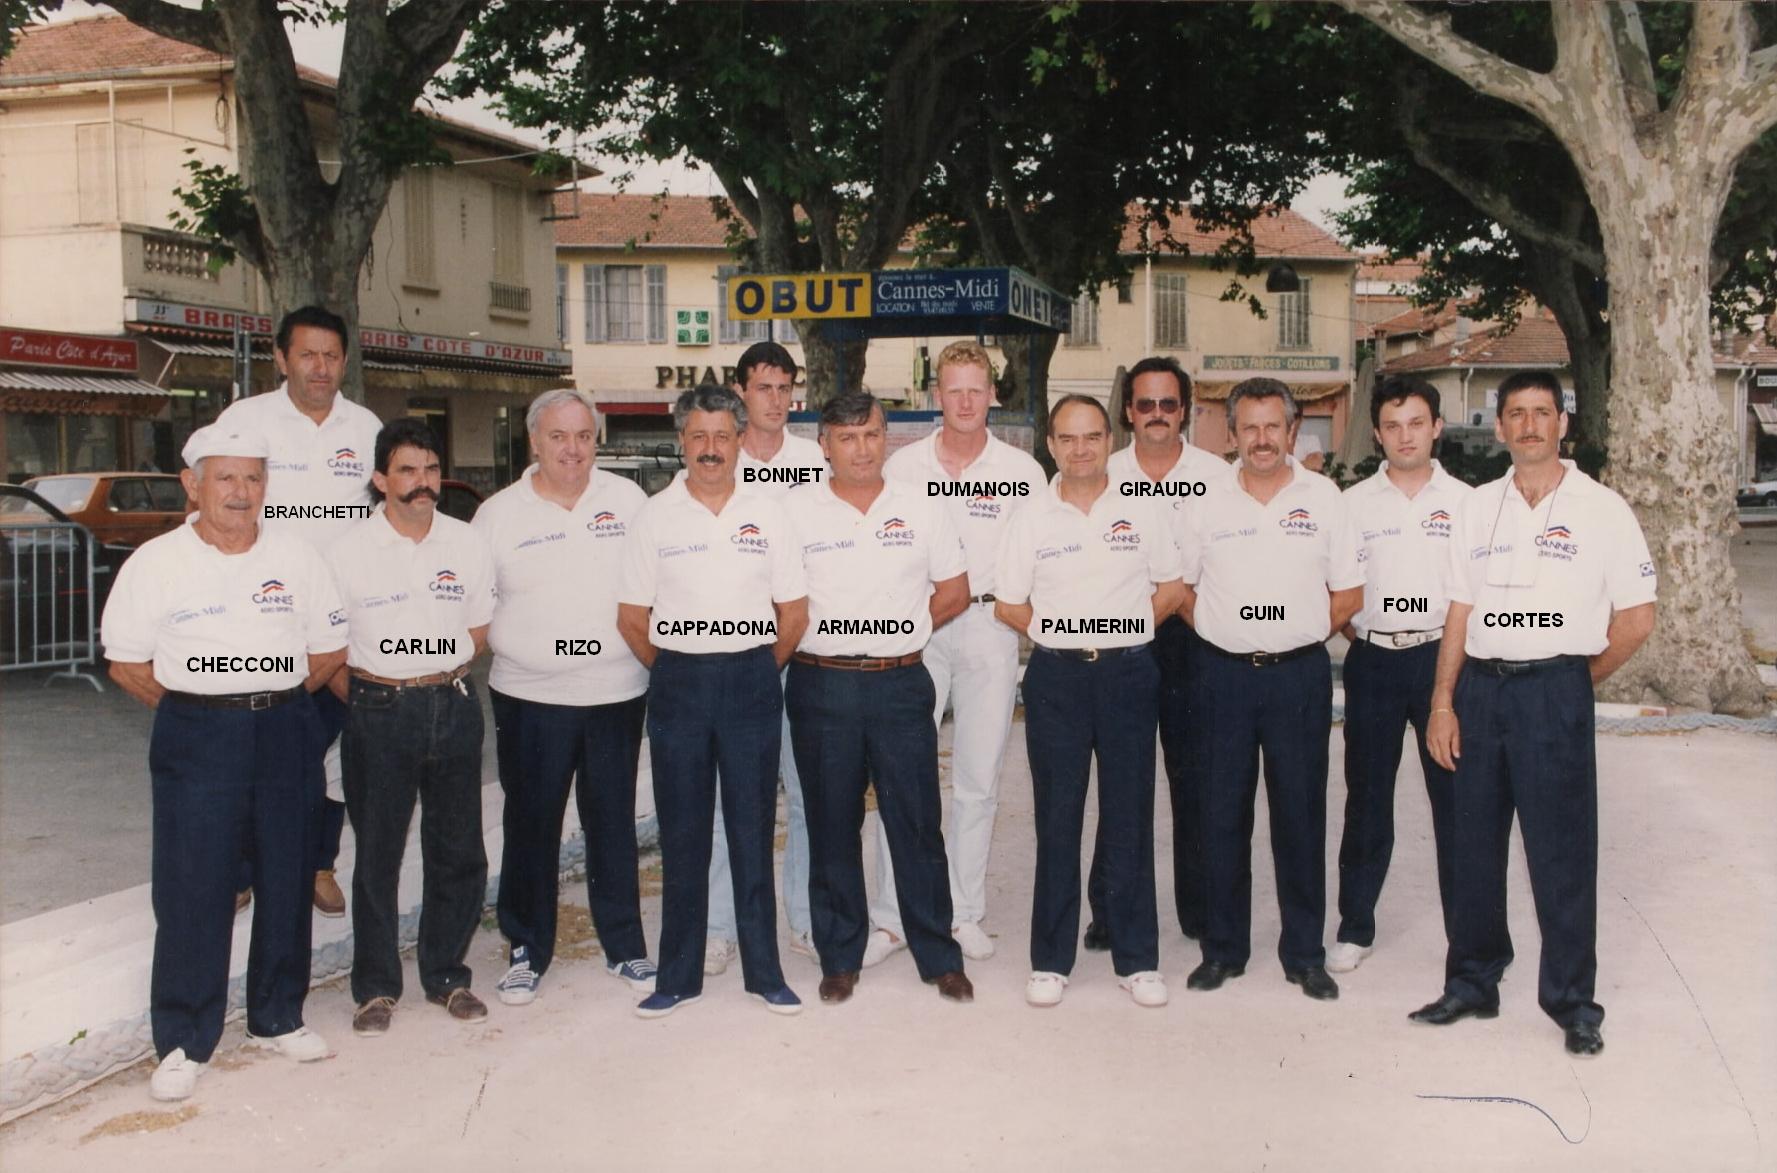 Les joueurs du C.A.S. en 1992 pas mal non ?